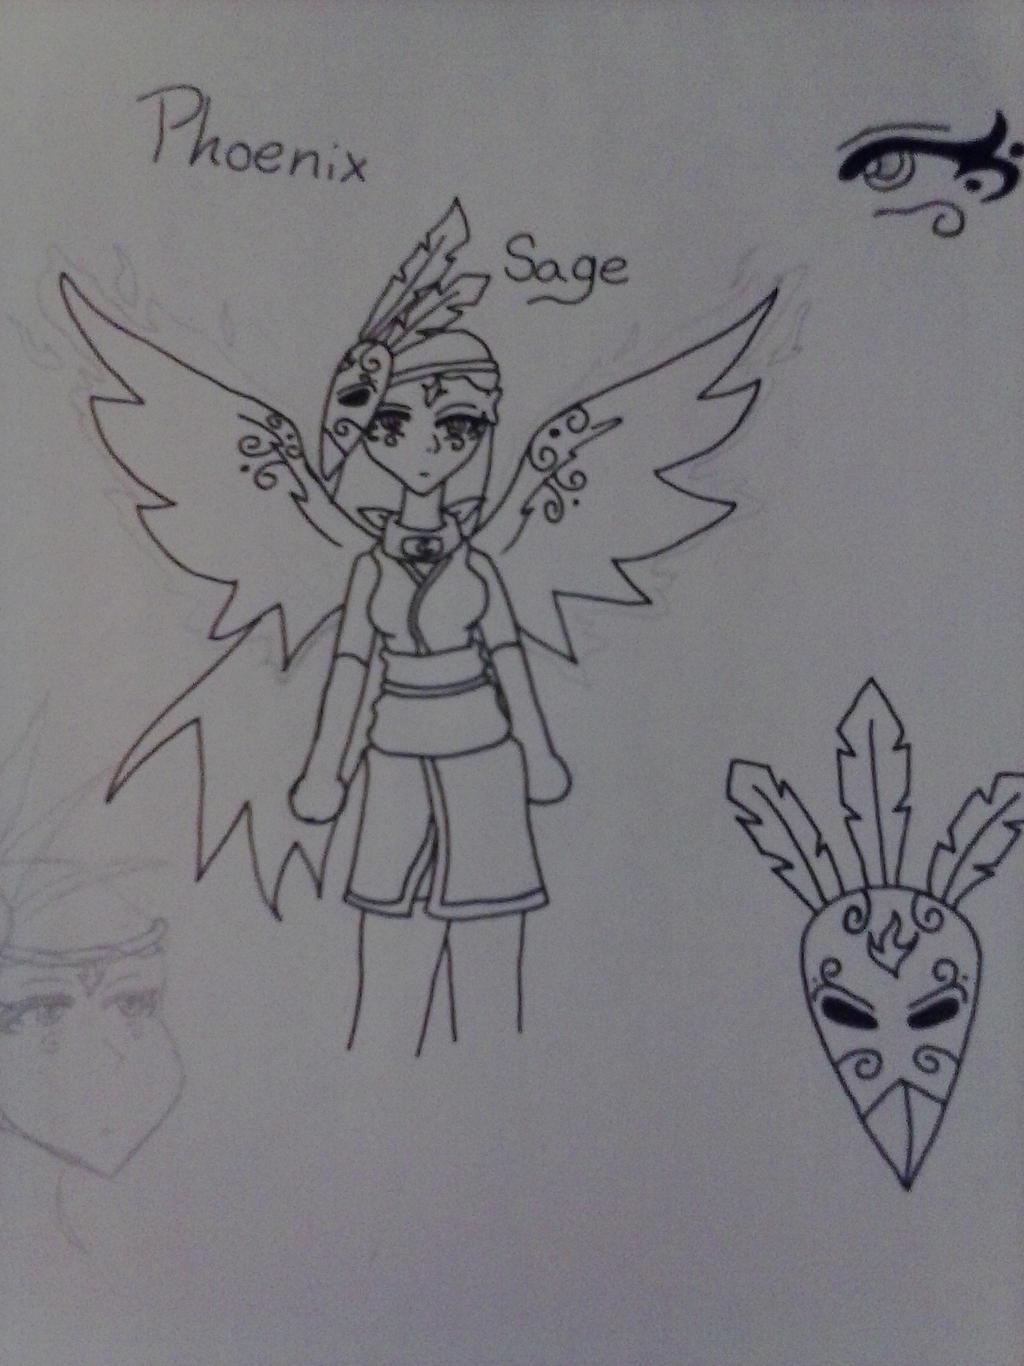 Phoenix Sage (naruto oc) by AuraLeighDragon